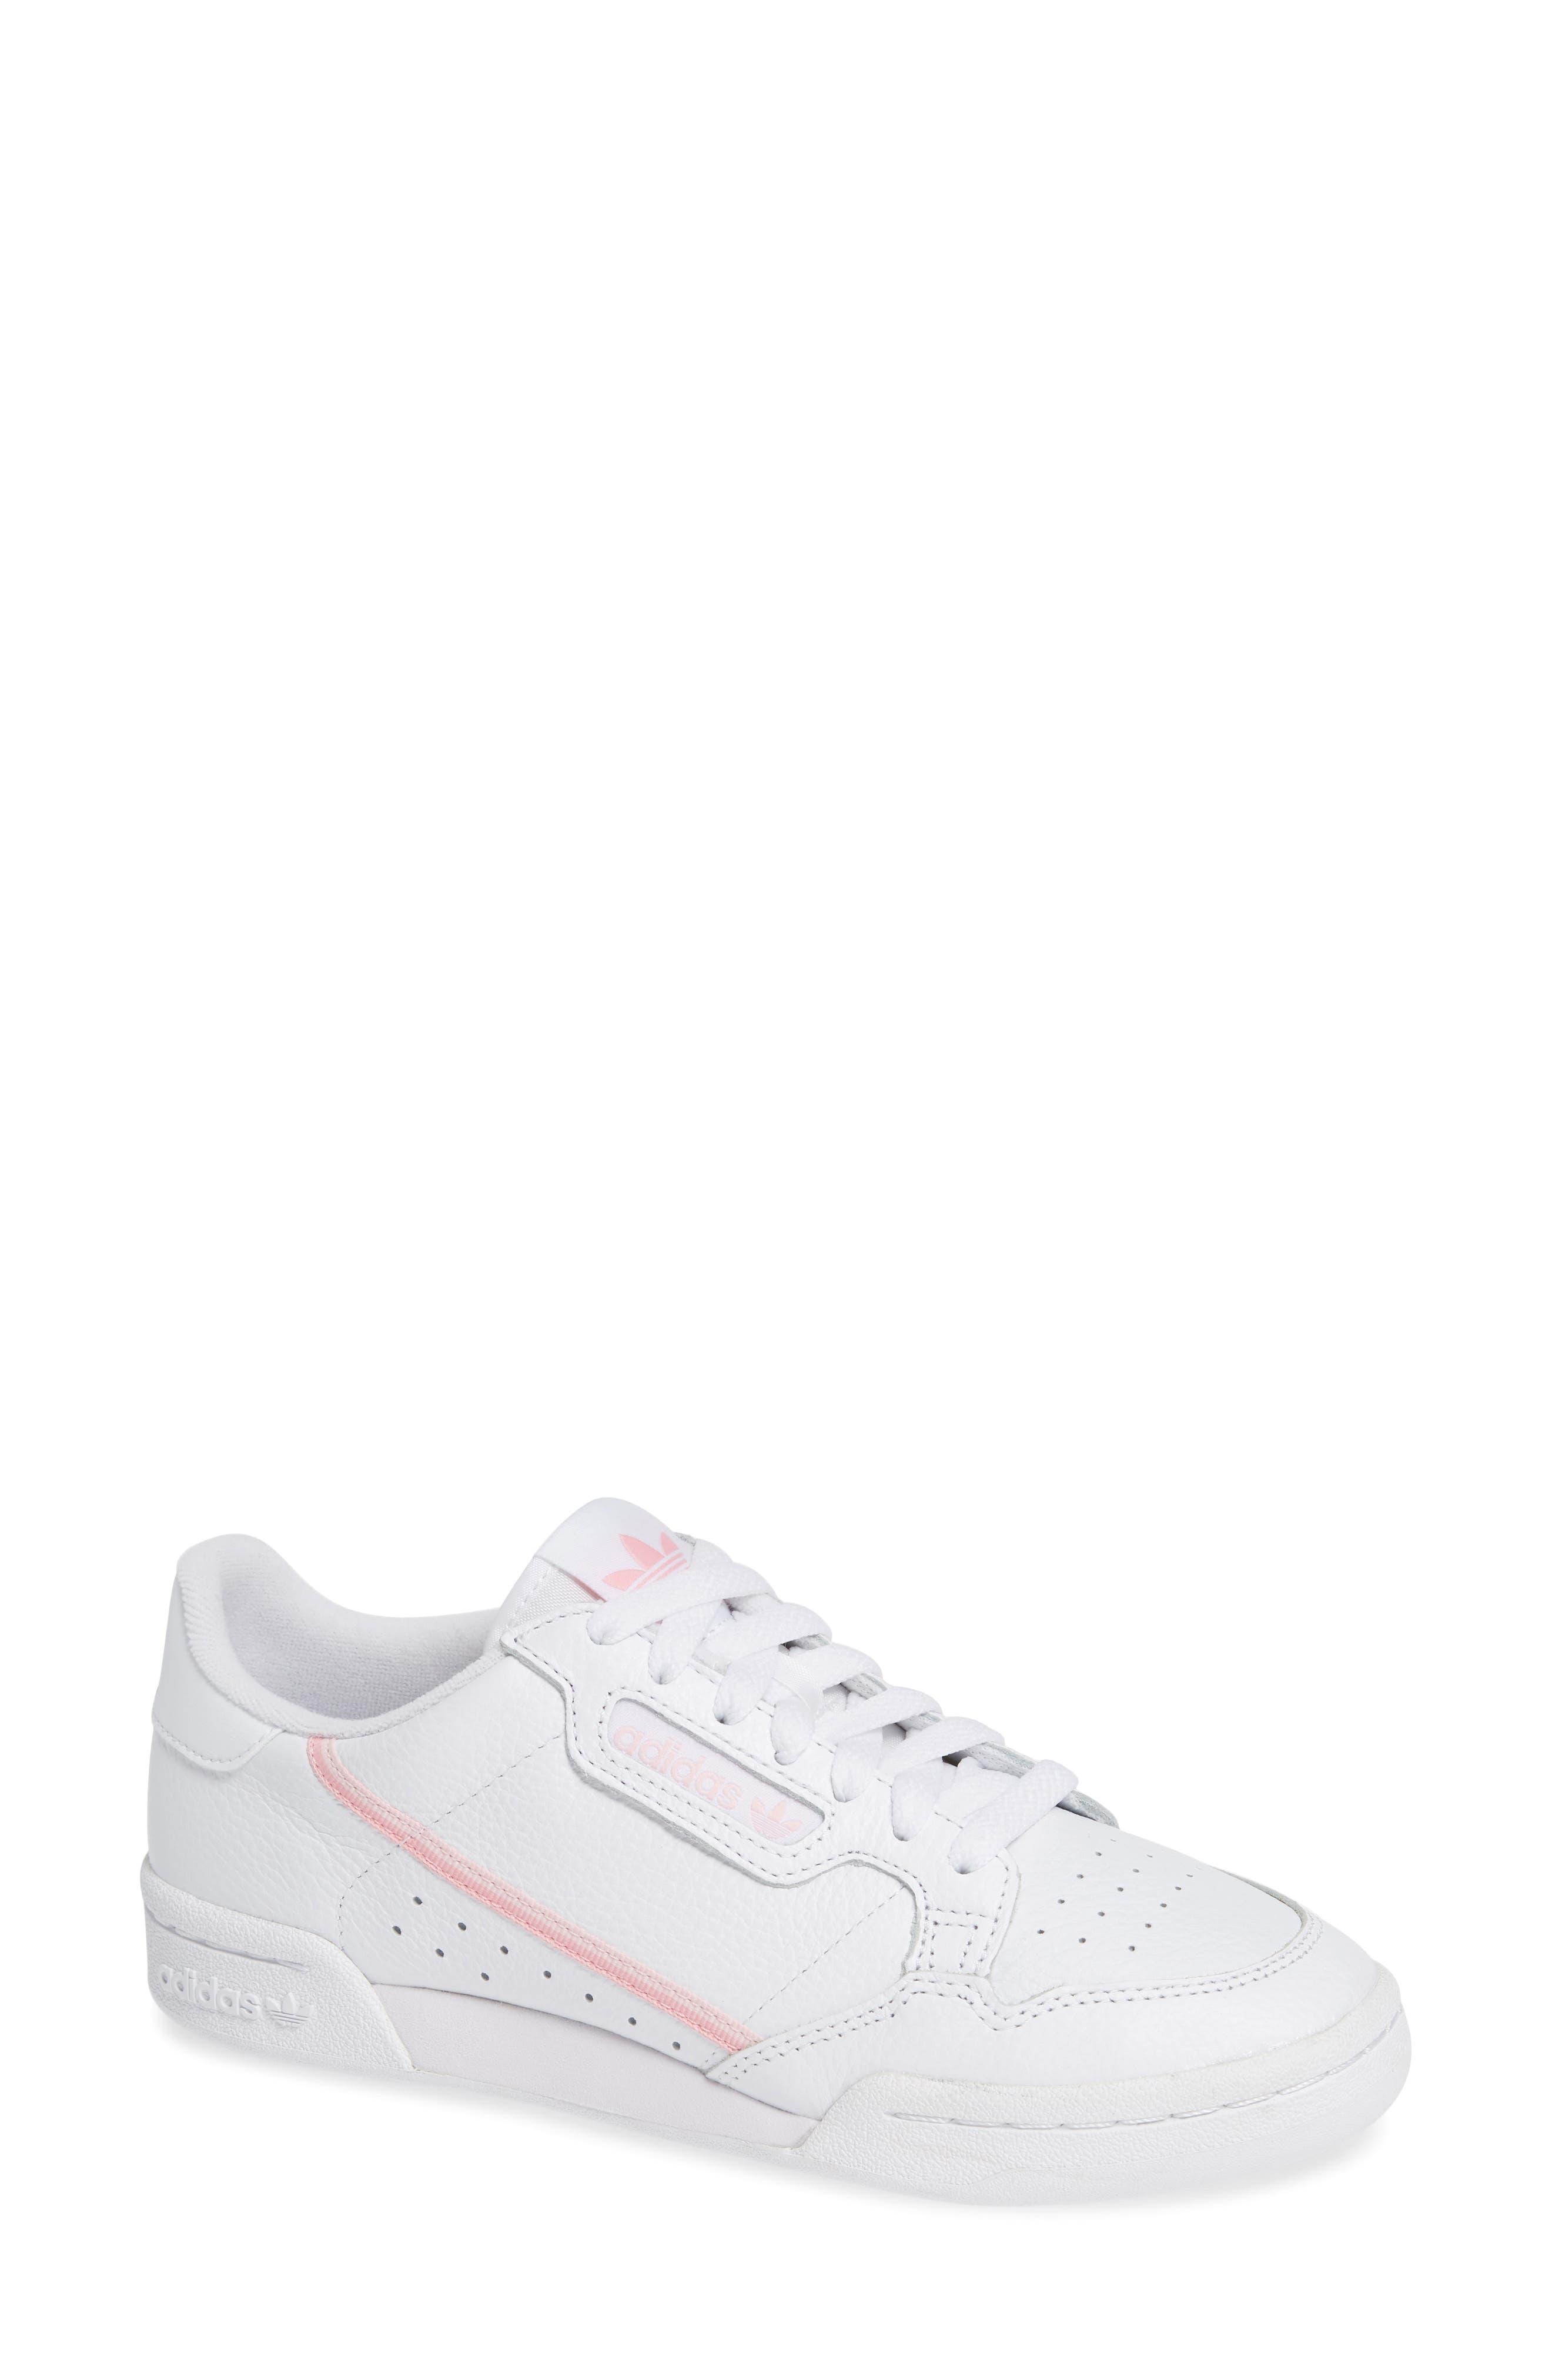 Adidas Originals Women S Originals Continental 80 Casual Shoes Pink